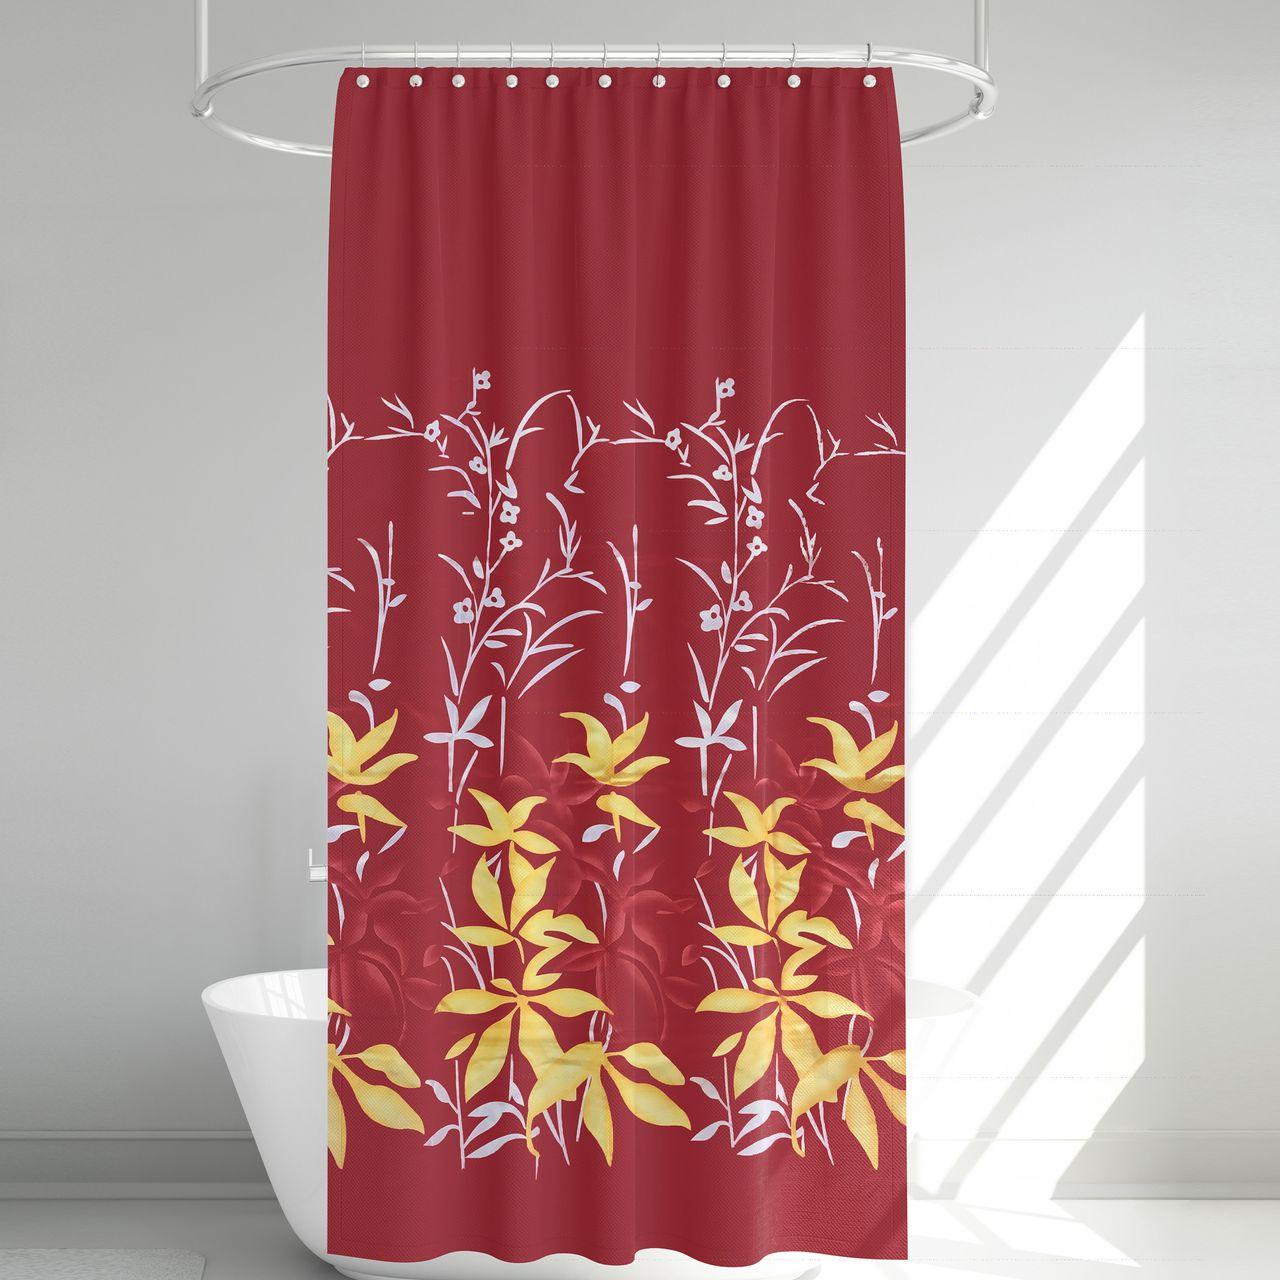 پرده حمام آرمیتا کد W007 سایز 180 × 200 سانتی متر